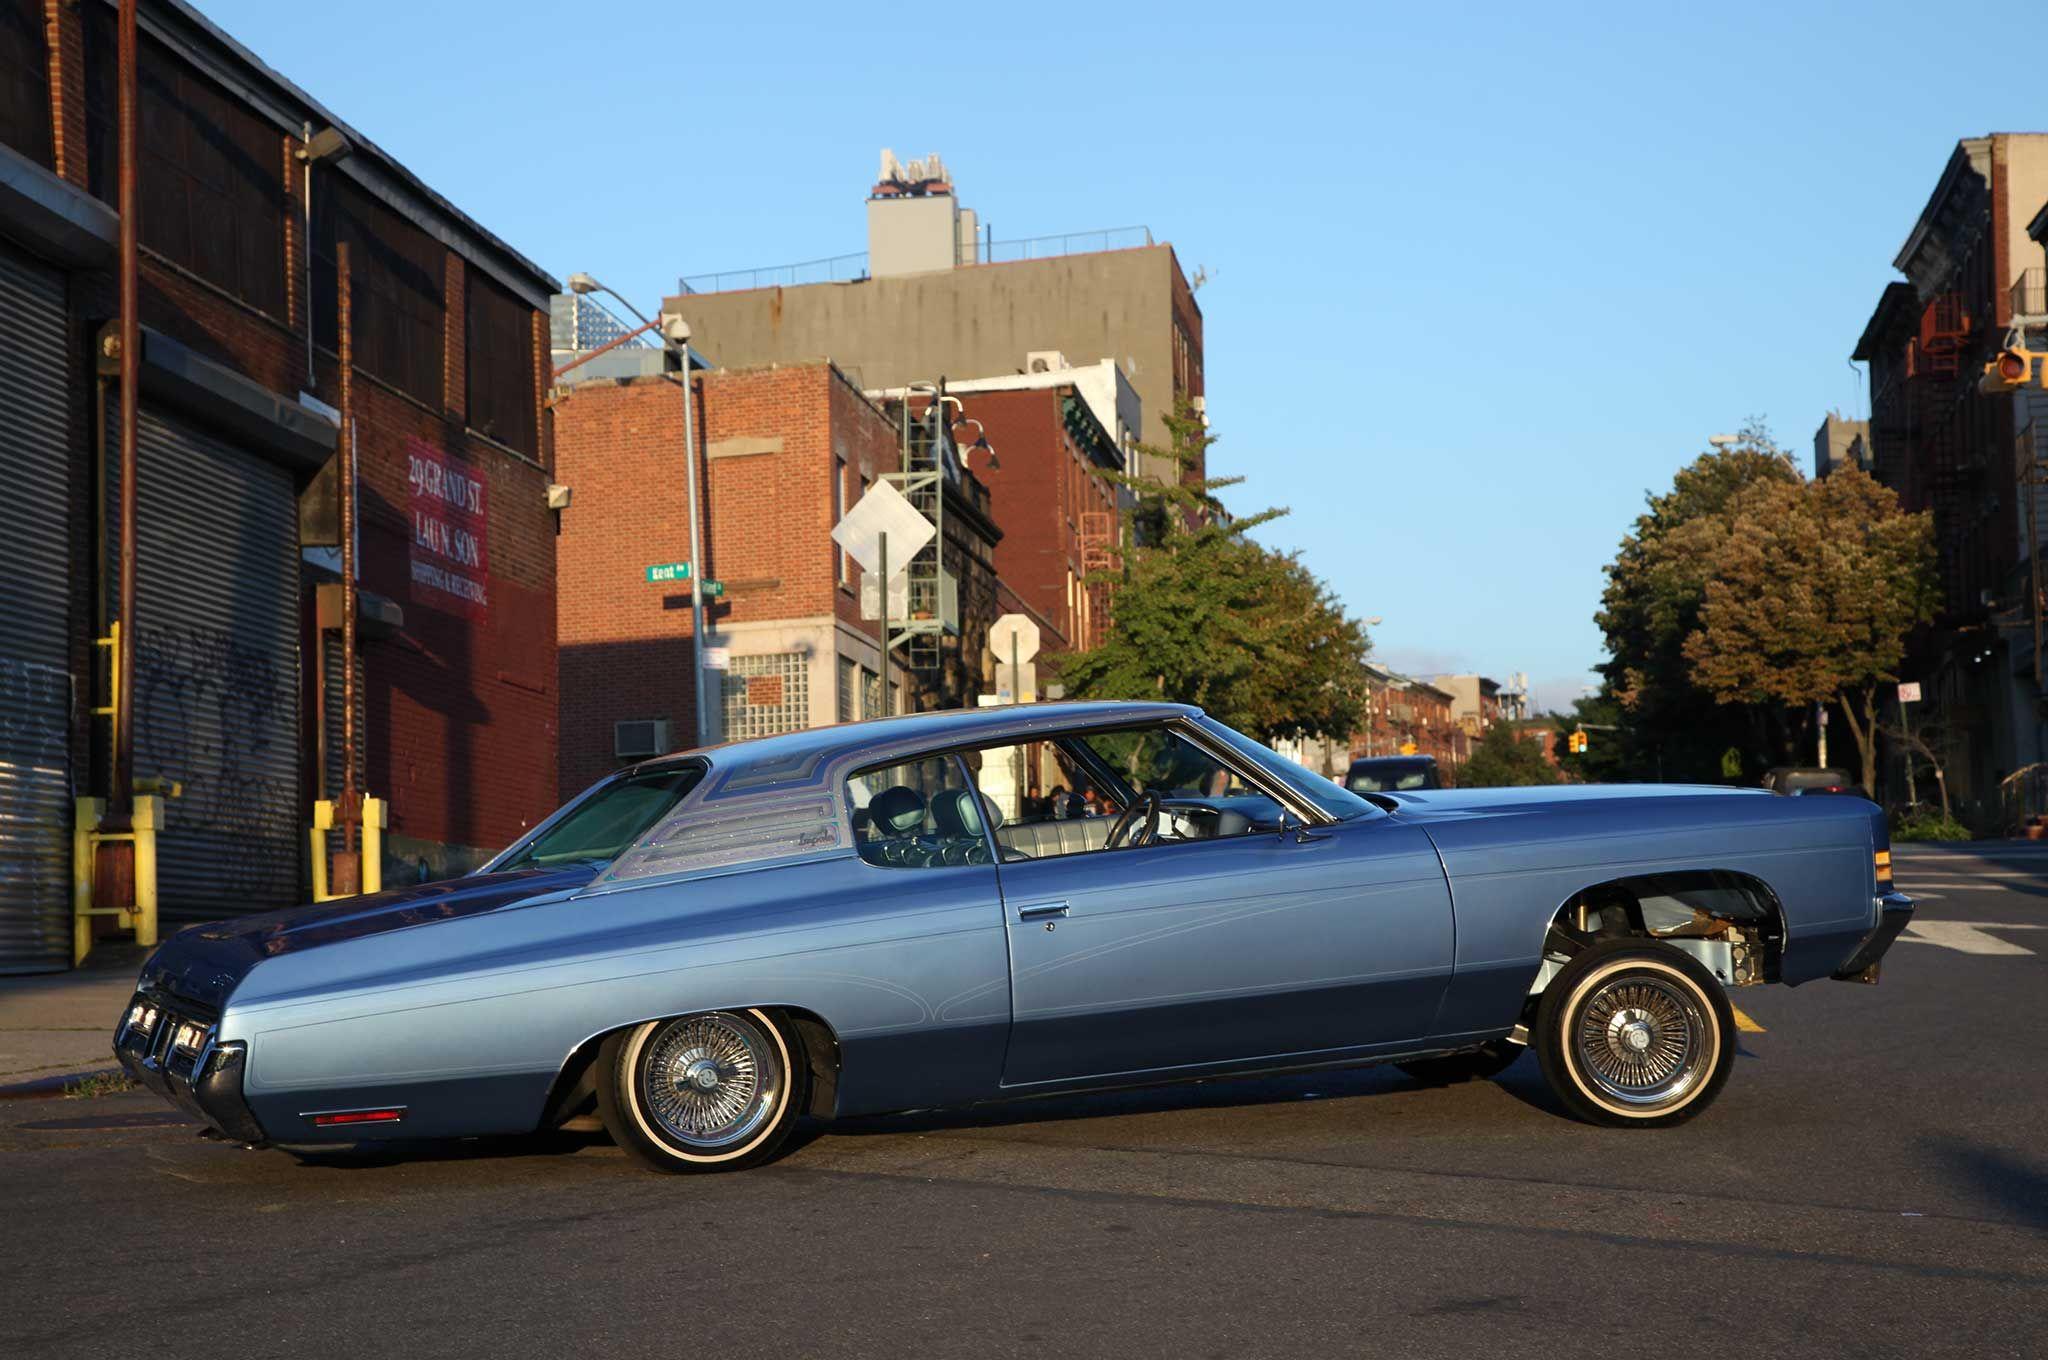 A 72 Chevy Impala That S La Built For Ny Riding Chevy Impala